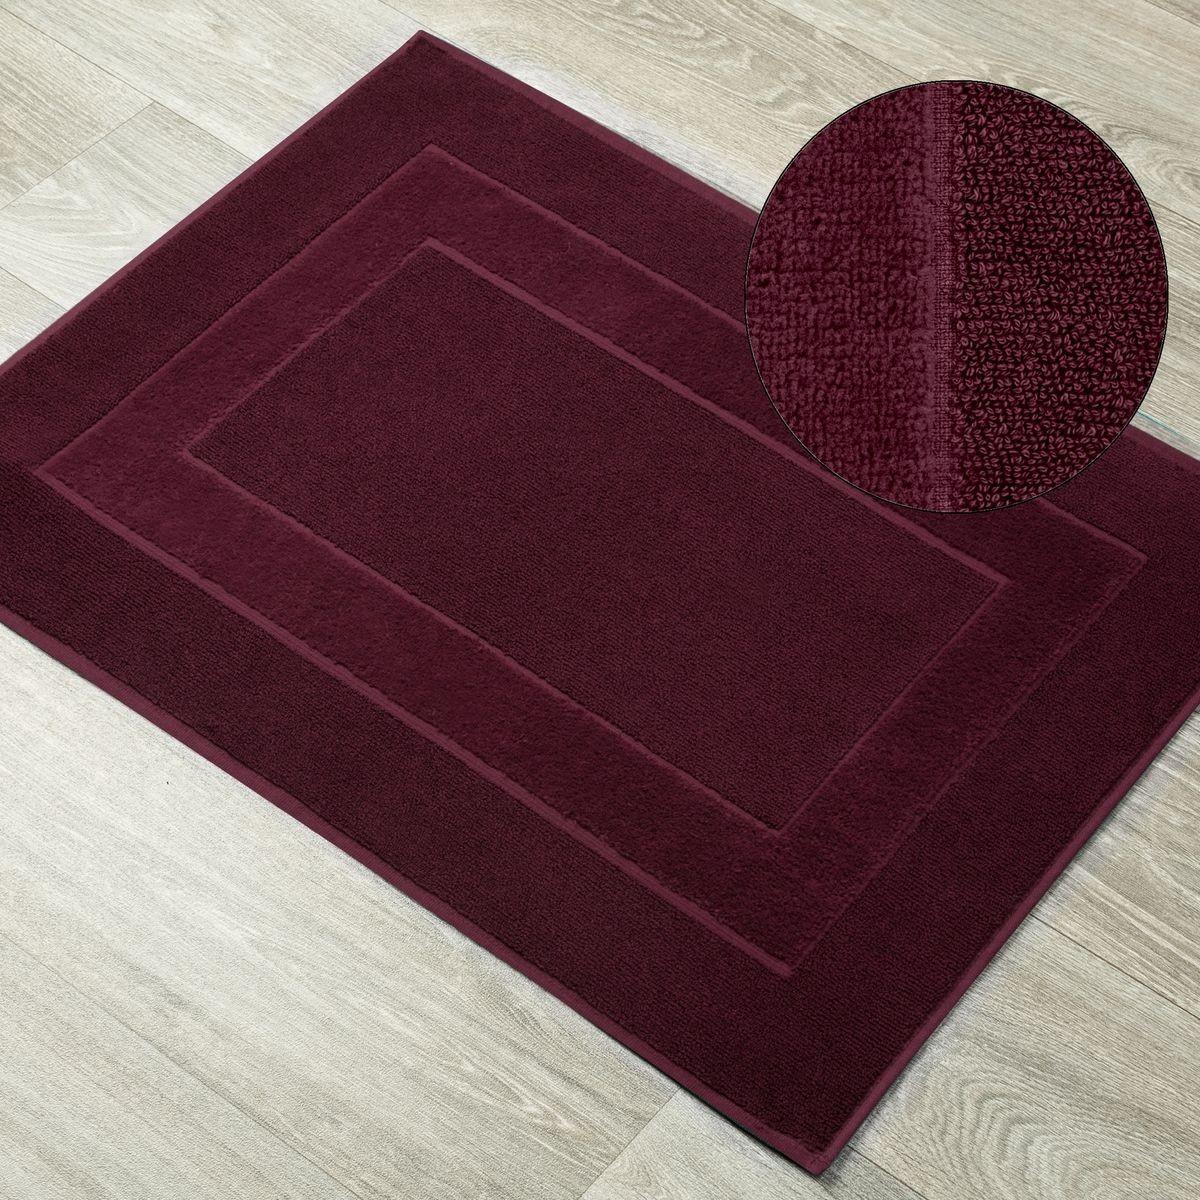 DomTextilu Kúpeľňový koberček z froté bavlny bordový 44535-208247 Bordová